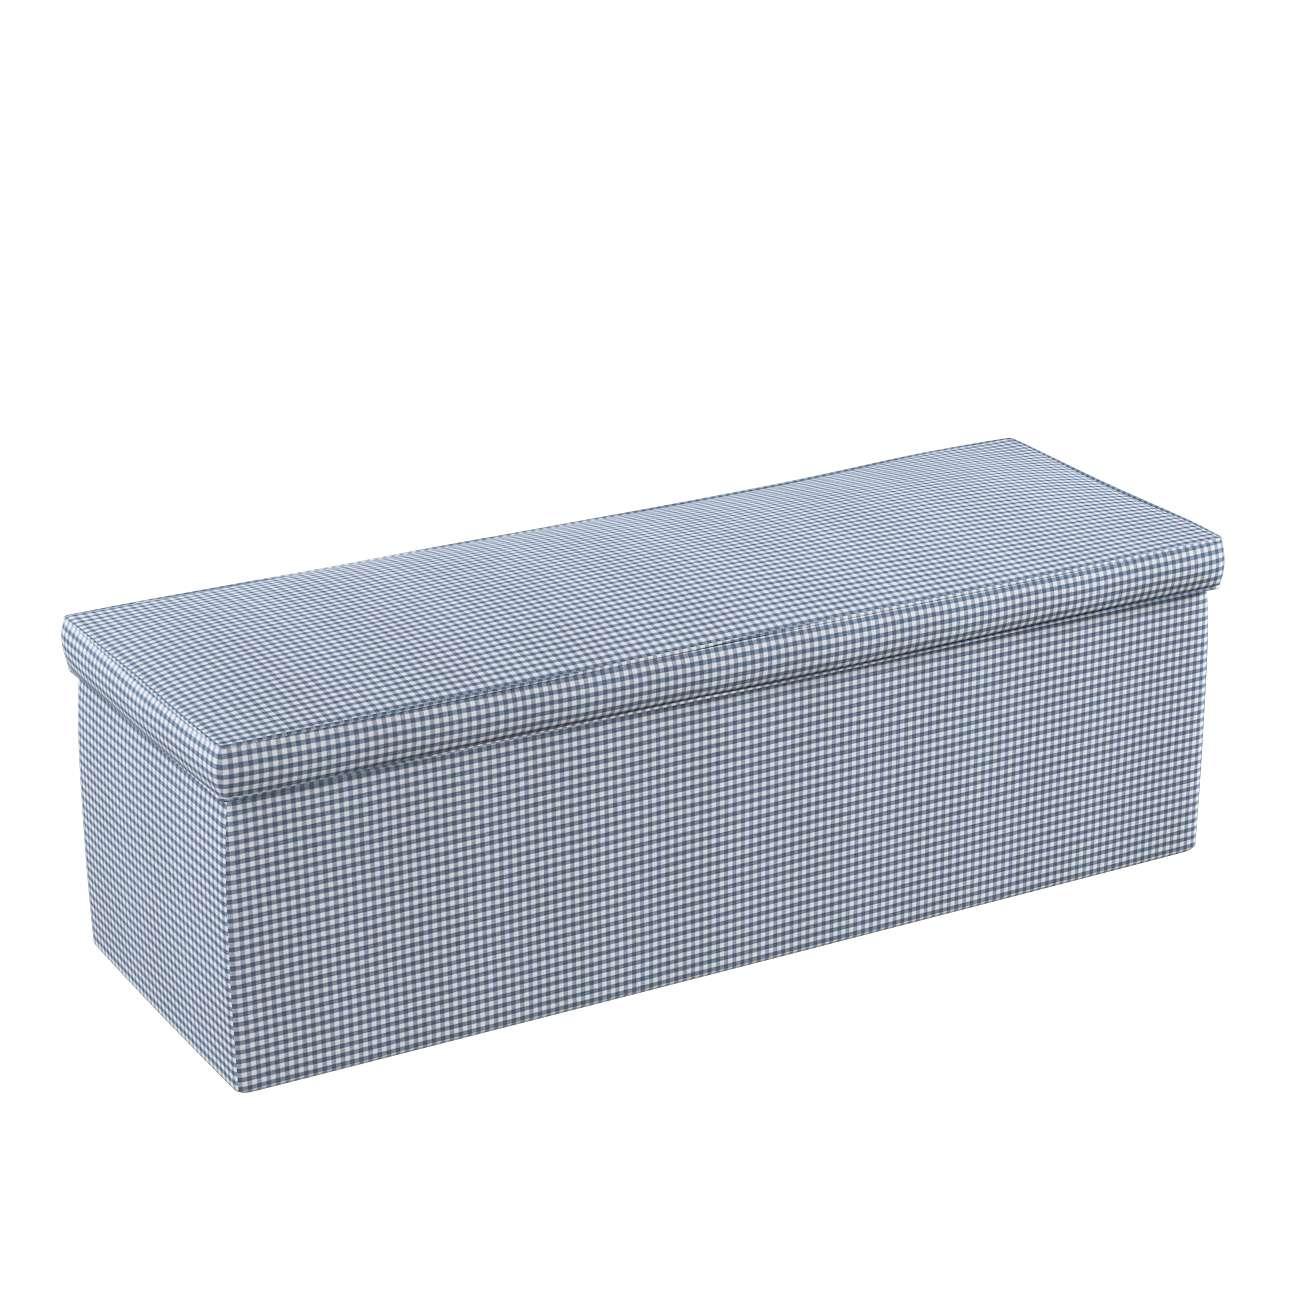 Čalouněná skříň s volbou látky - 2 velikosti v kolekci Quadro, látka: 136-00